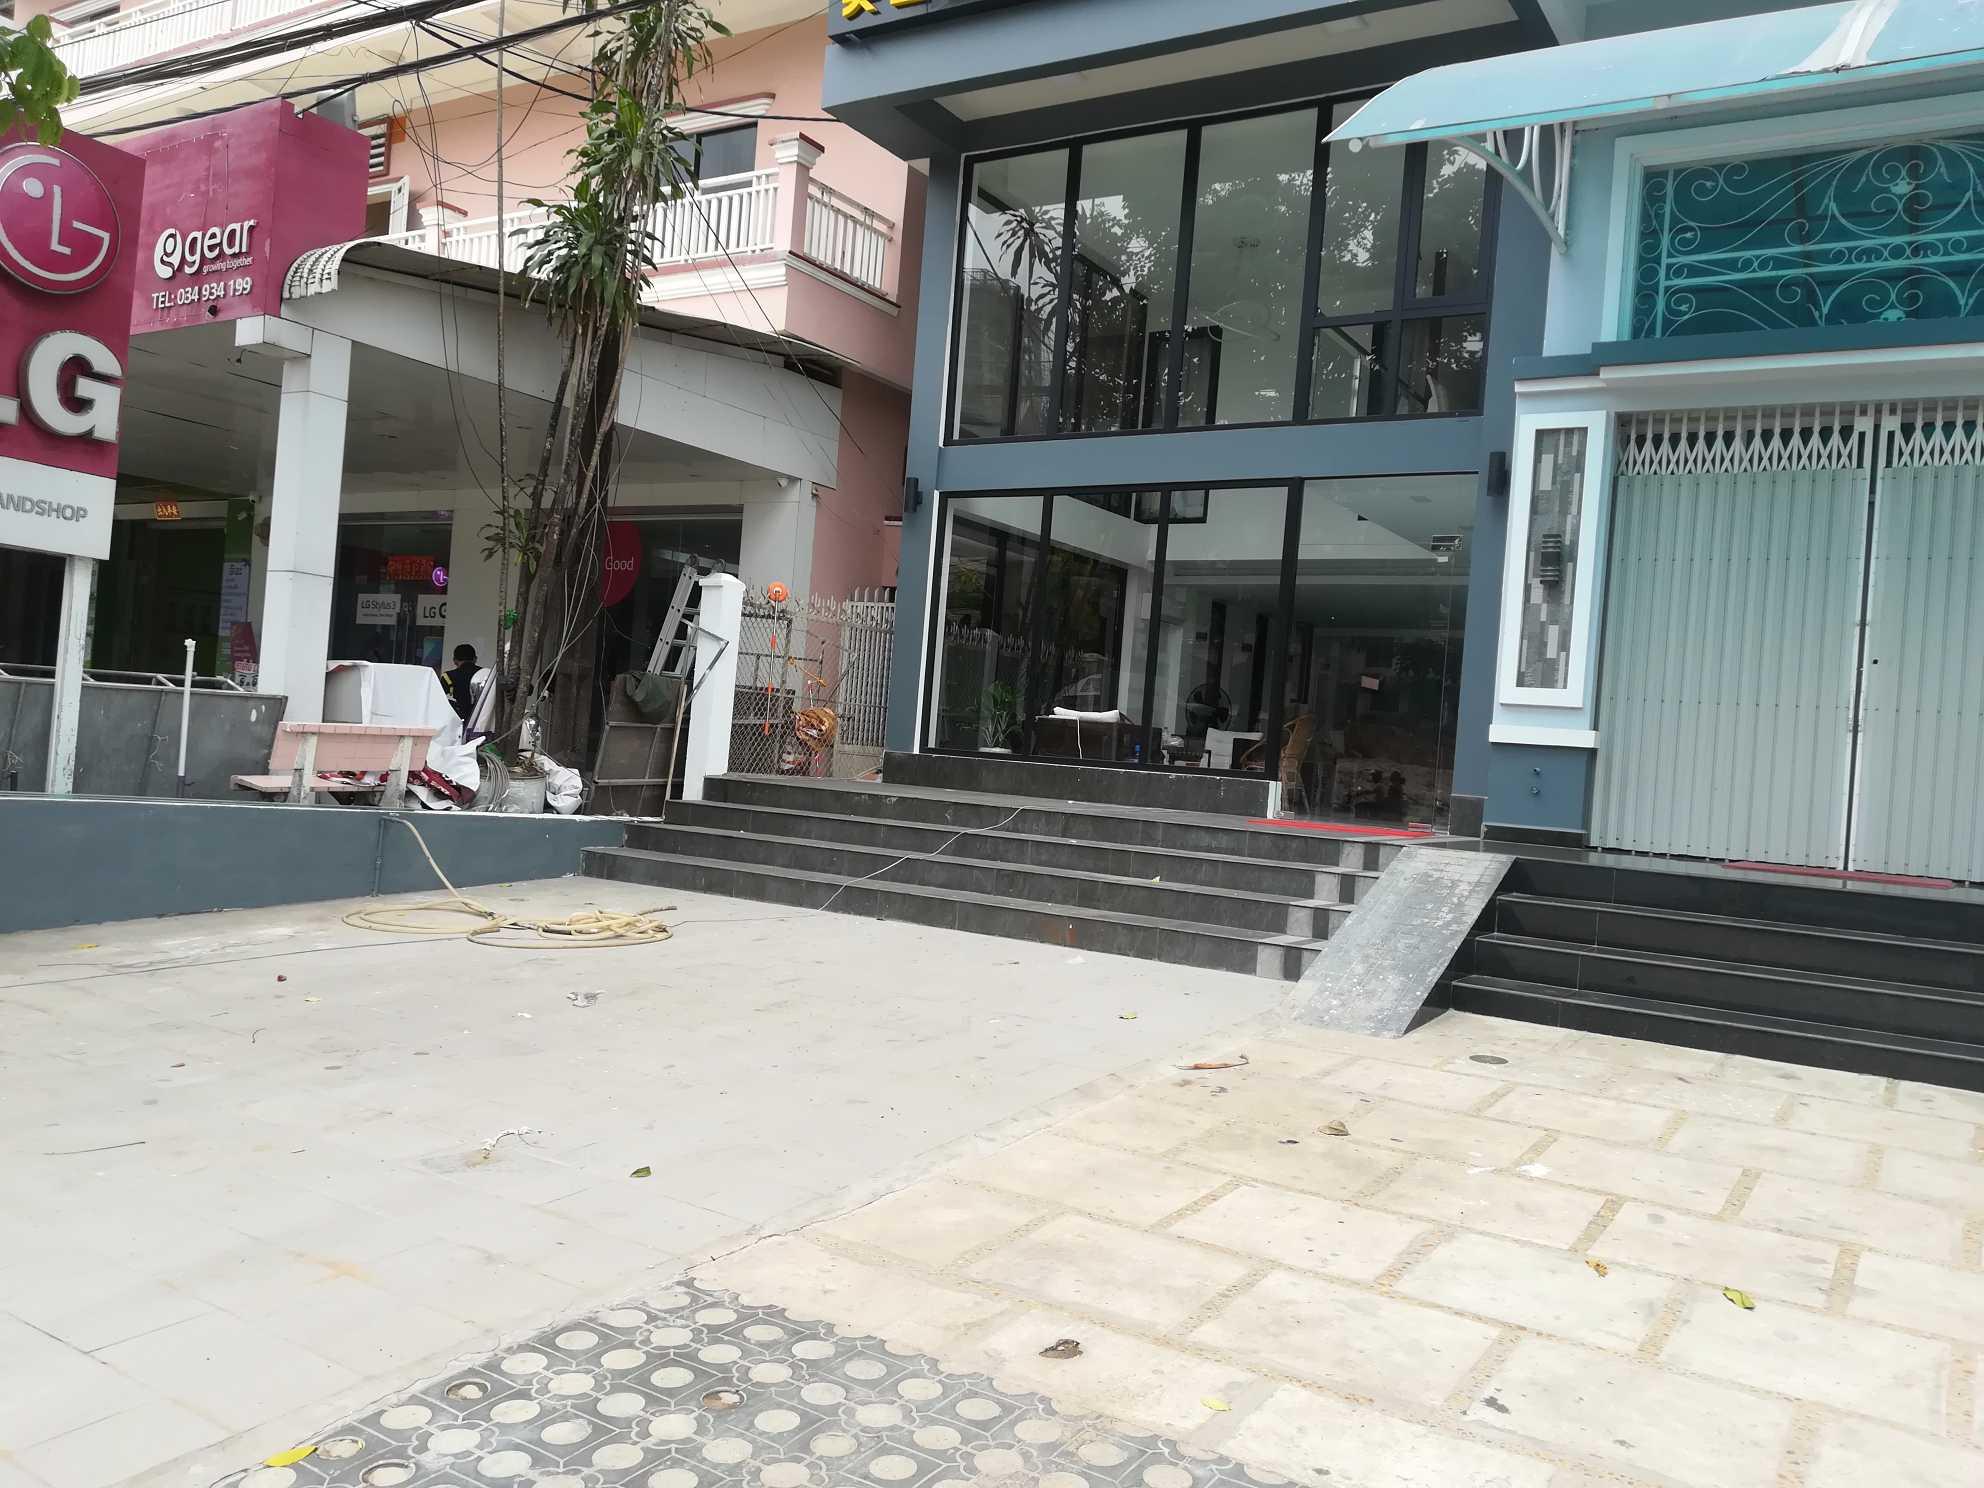 西港专业美发店招聘美发师个和柬埔寨女助理